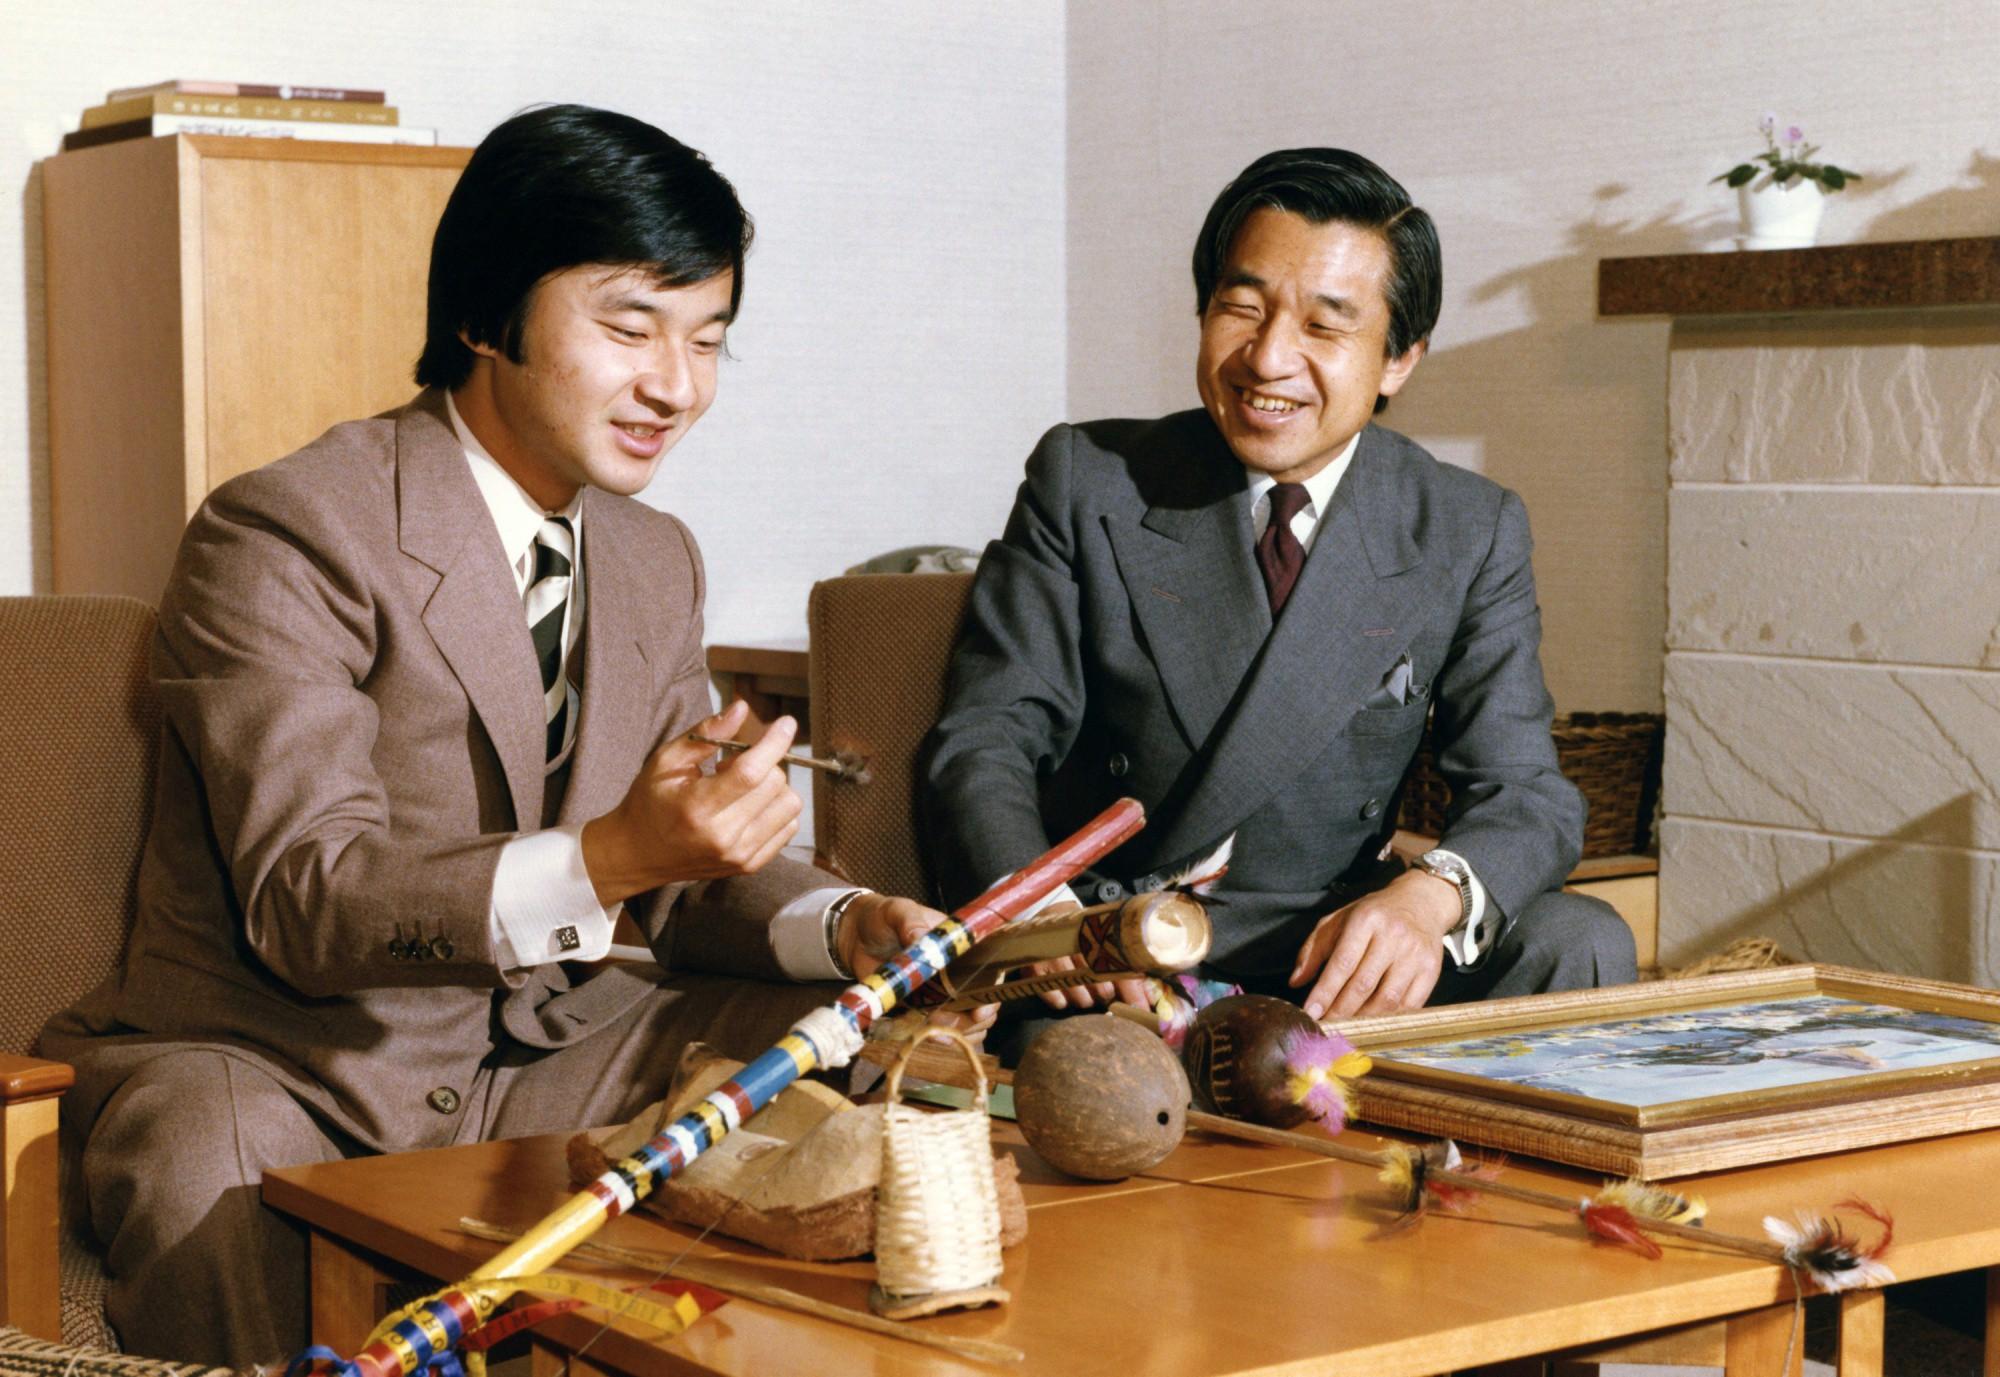 Nhật Hoàng Akihito: Vị hoàng đế của nhiều lần đầu tiên - Ảnh 7.